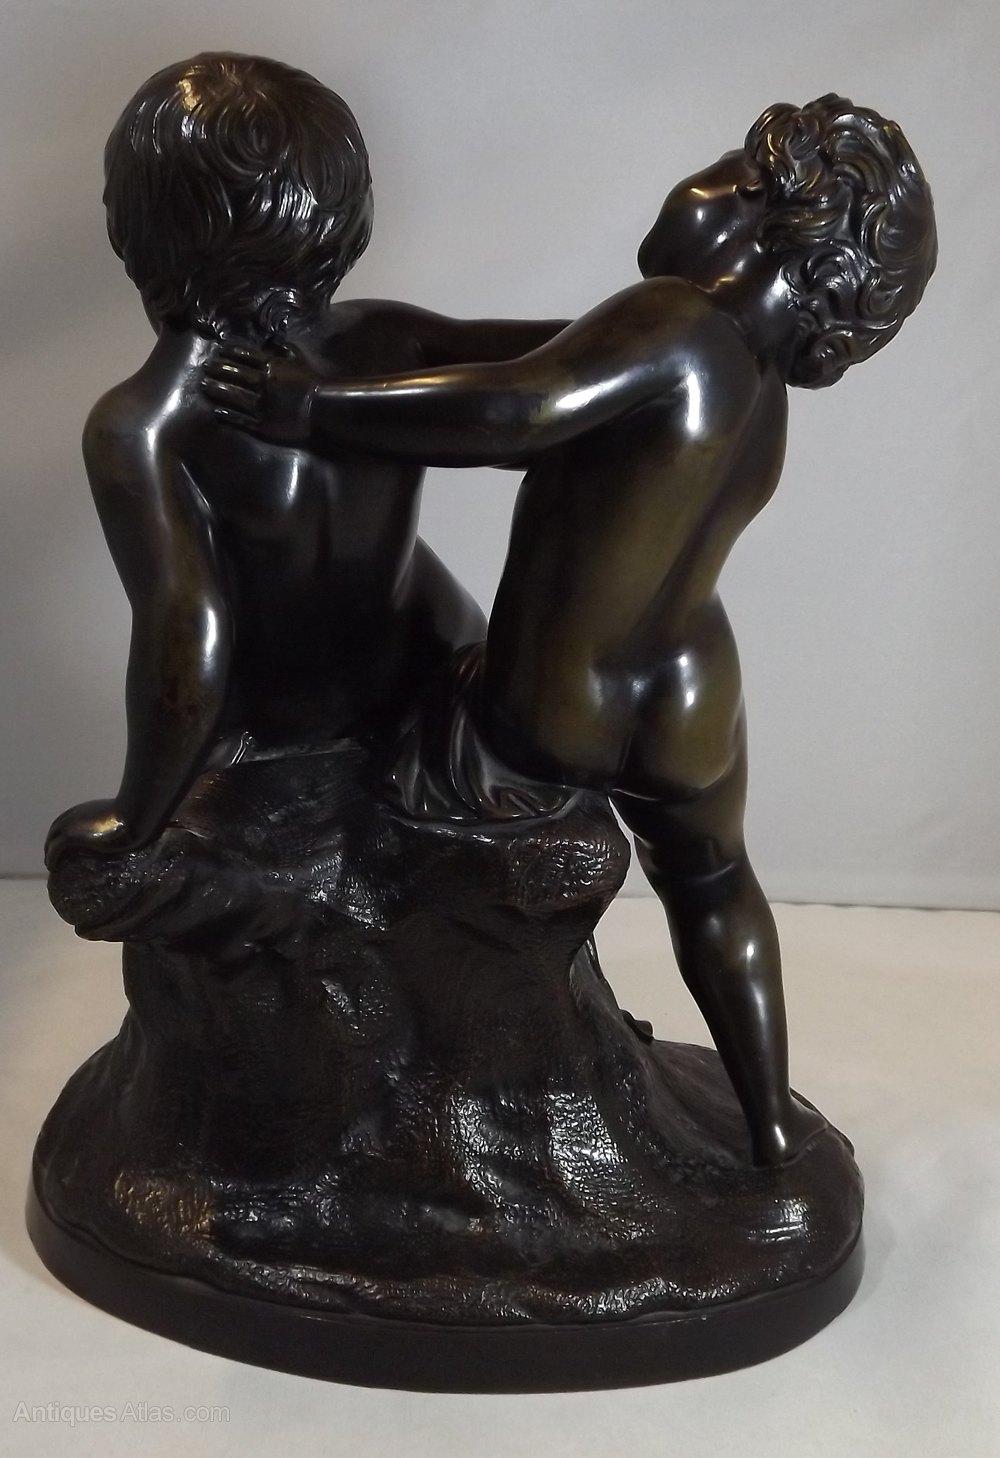 Antiques Atlas Antique Joseph Marius Ramus Bronze Sculpture